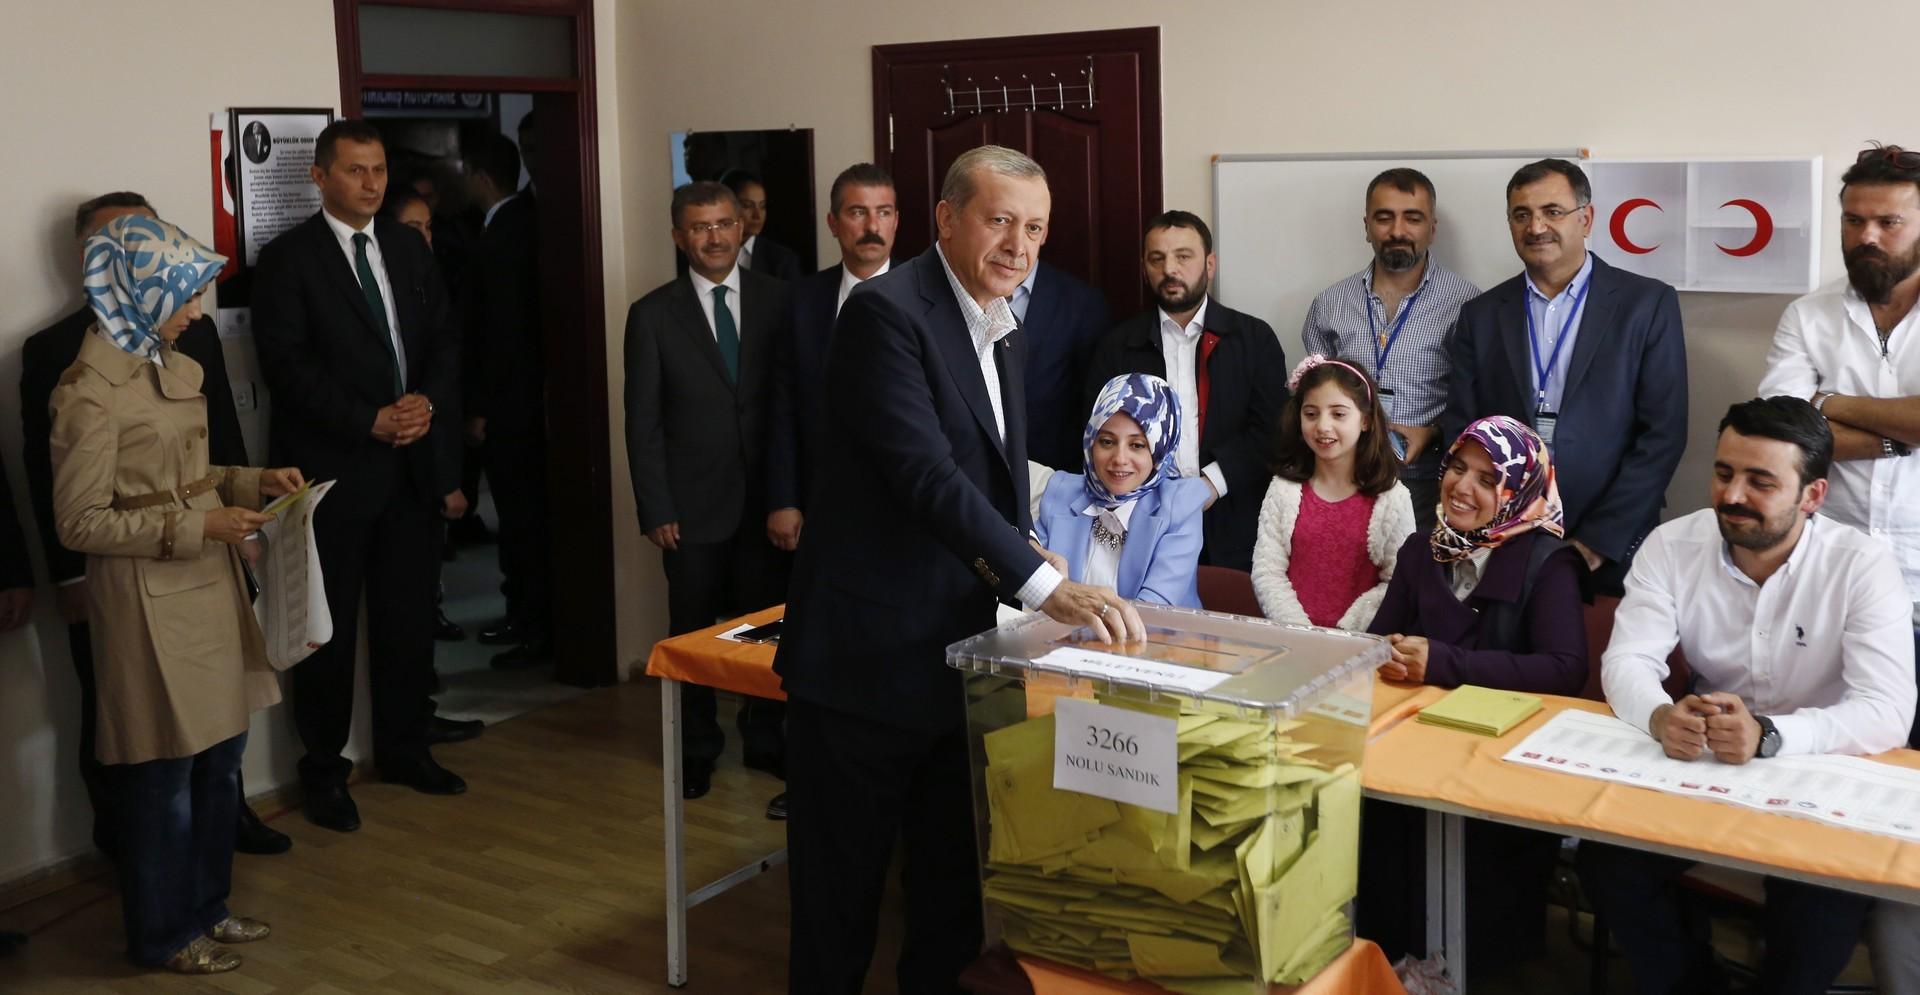 دميرتاش: أردوغان وحزبه أوقفا العملية الديمقراطية في تركيا